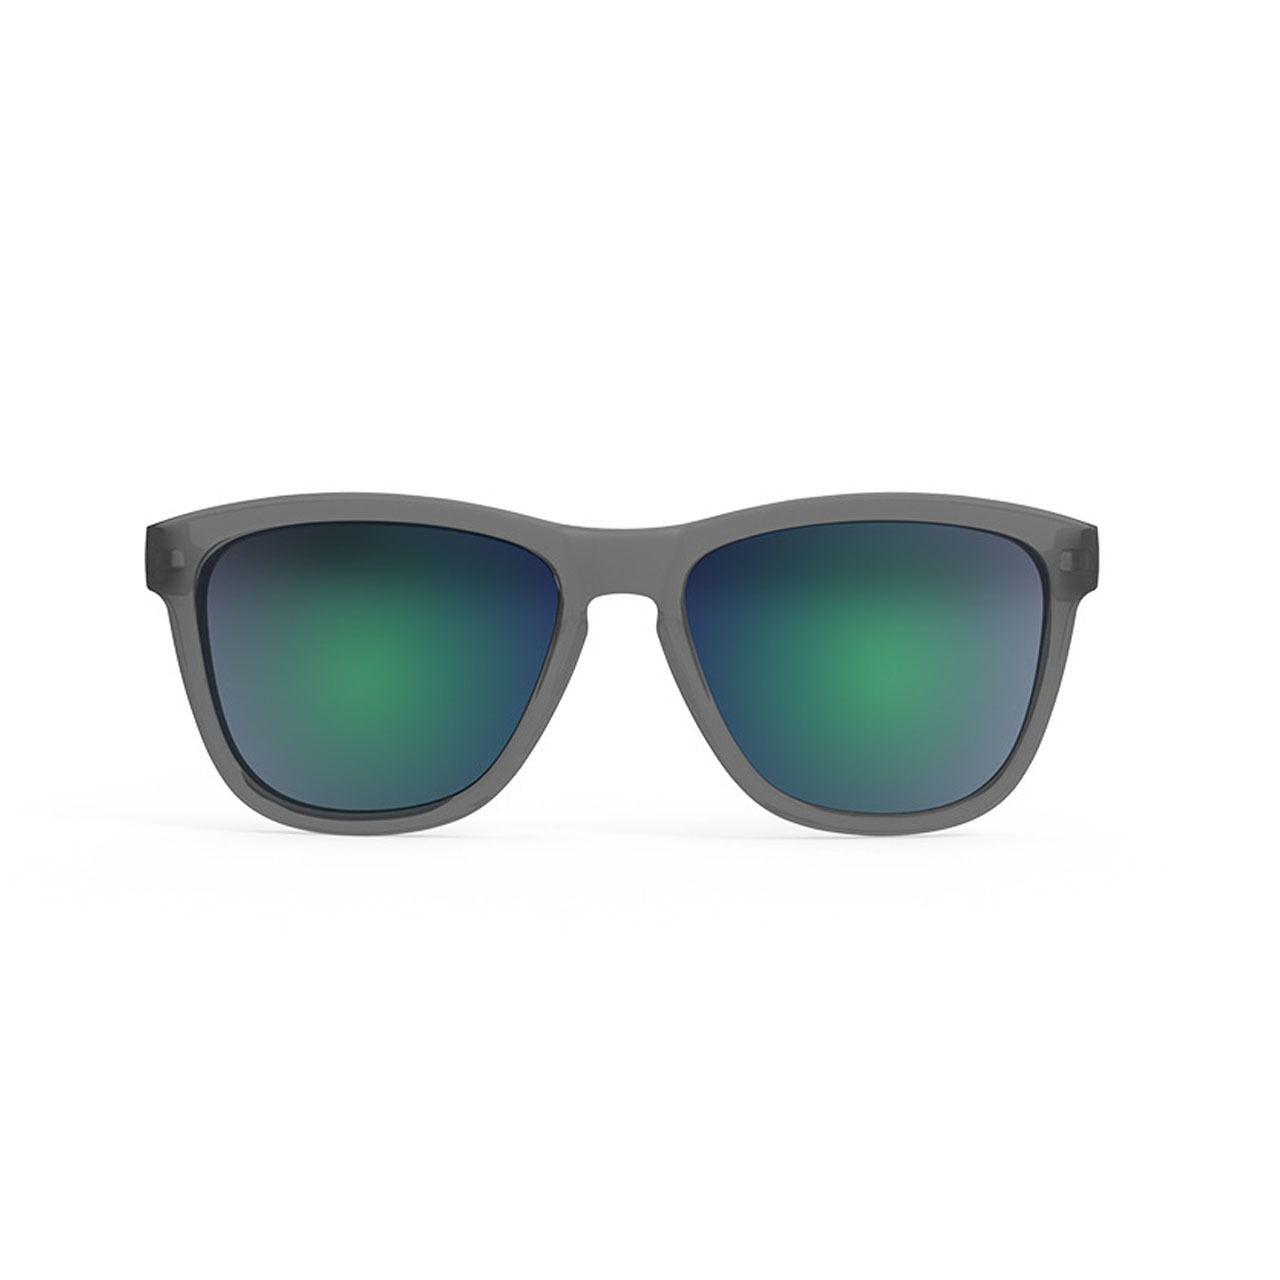 Oculos de Sol Goodr -  Silverback Squat Mobility